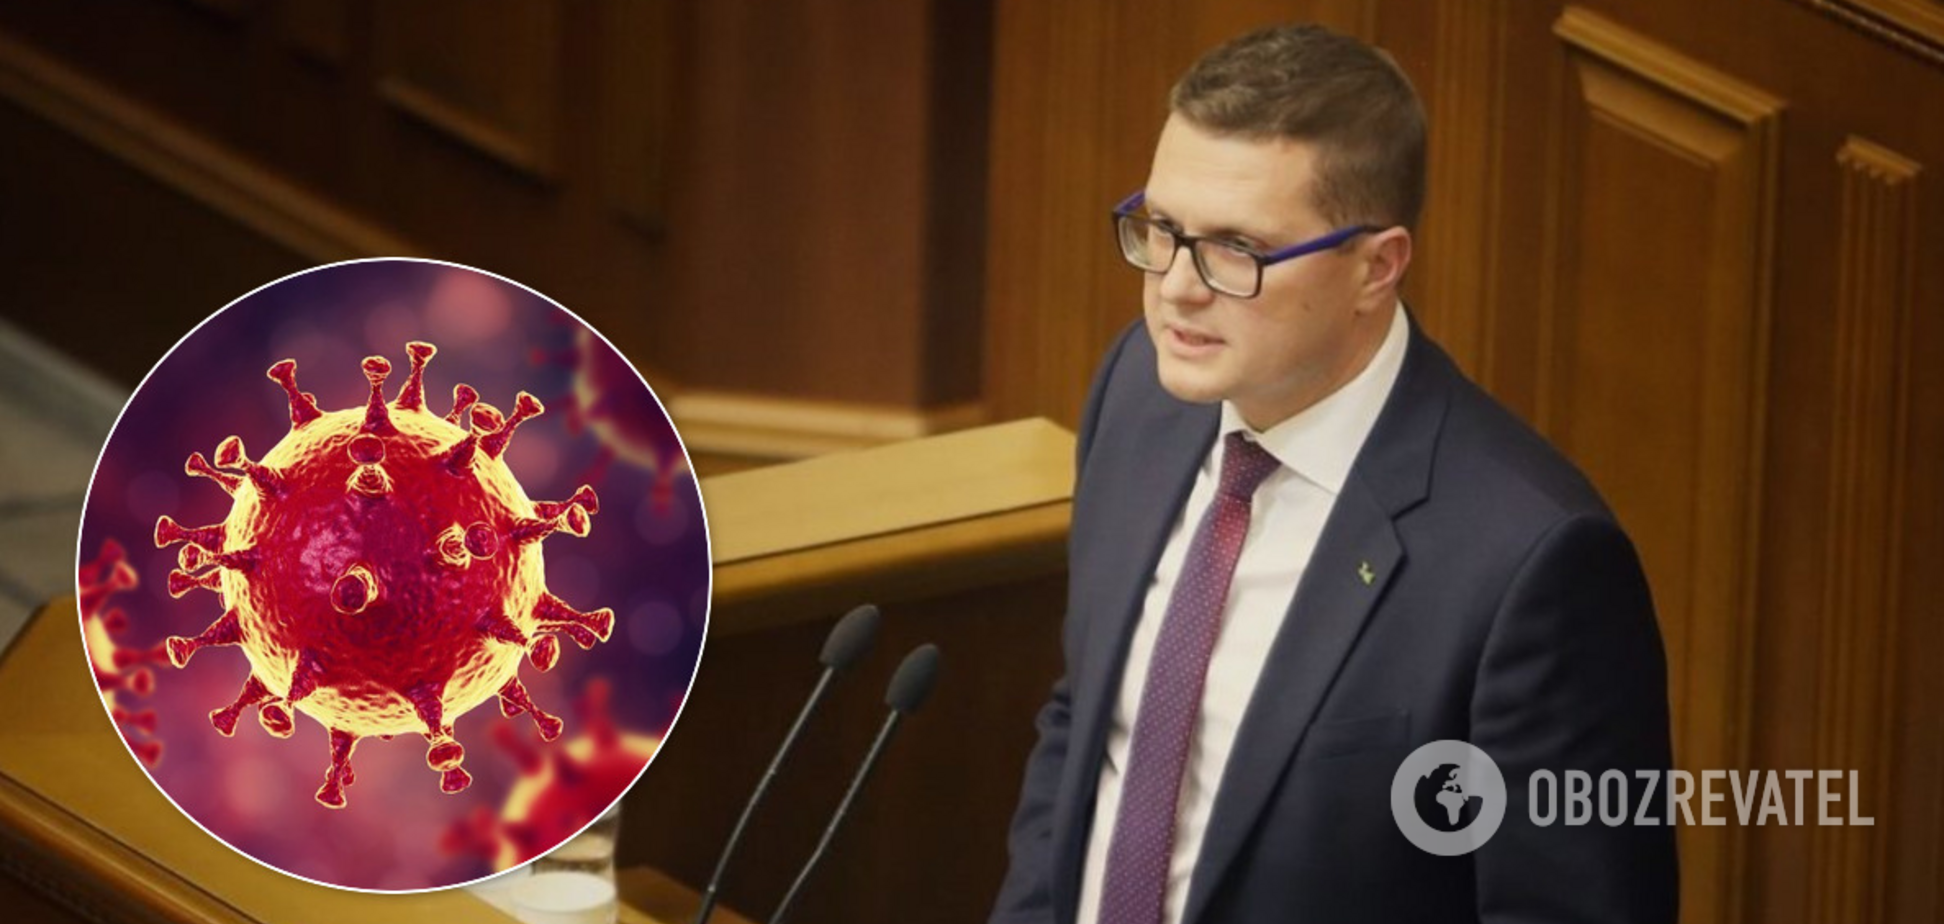 СБУ открыла уголовное дело против властей Николаевщины из-за коронавируса